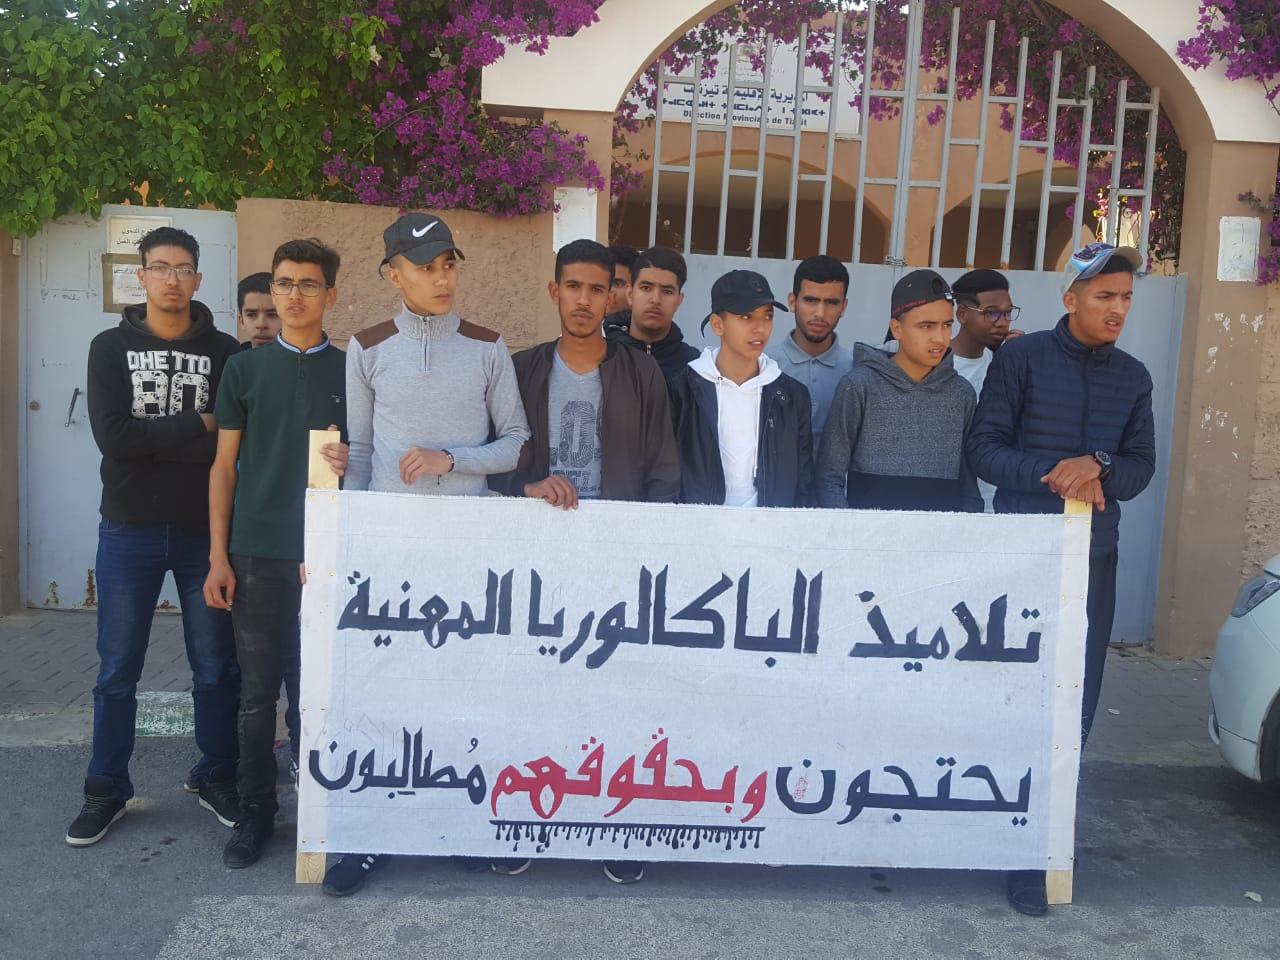 تيزنيت : تلاميذ  يحتجون على امتحان الباك المهني و يقررون الدخول في اعتصام أمام مديرية  التعليم